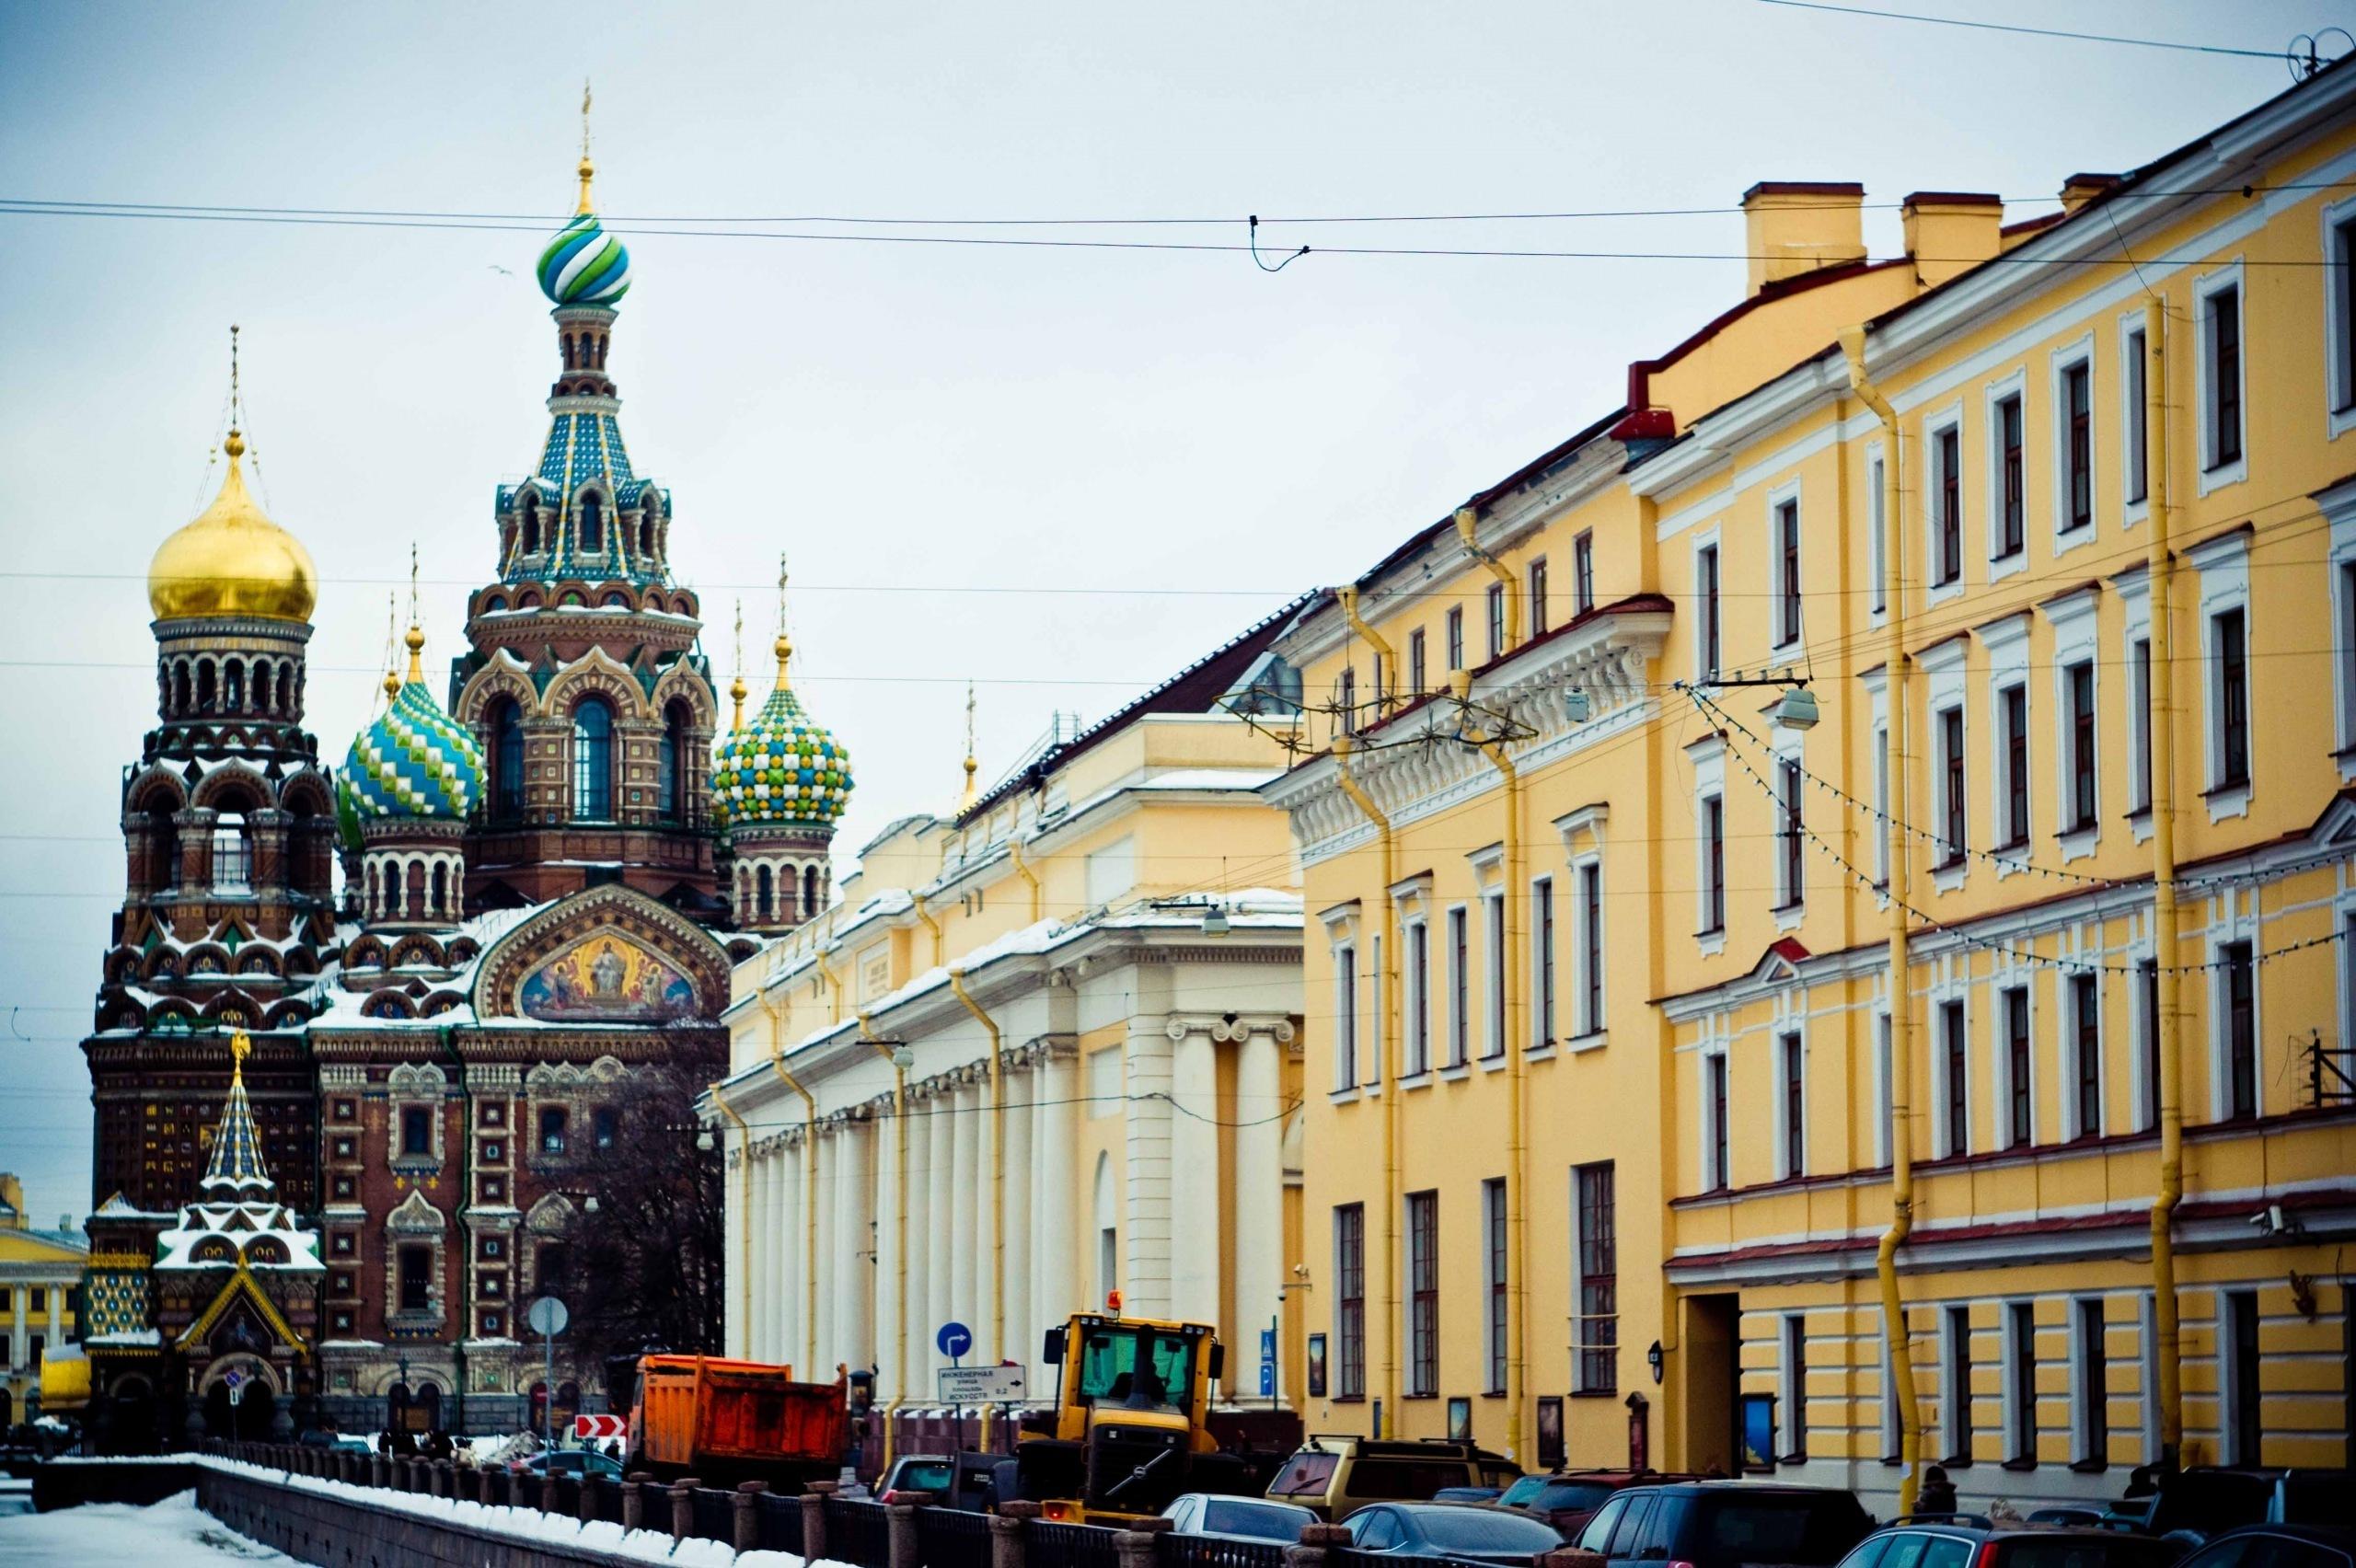 картинки санкт-петербурга хорошего качества на рабочий стол расскажем